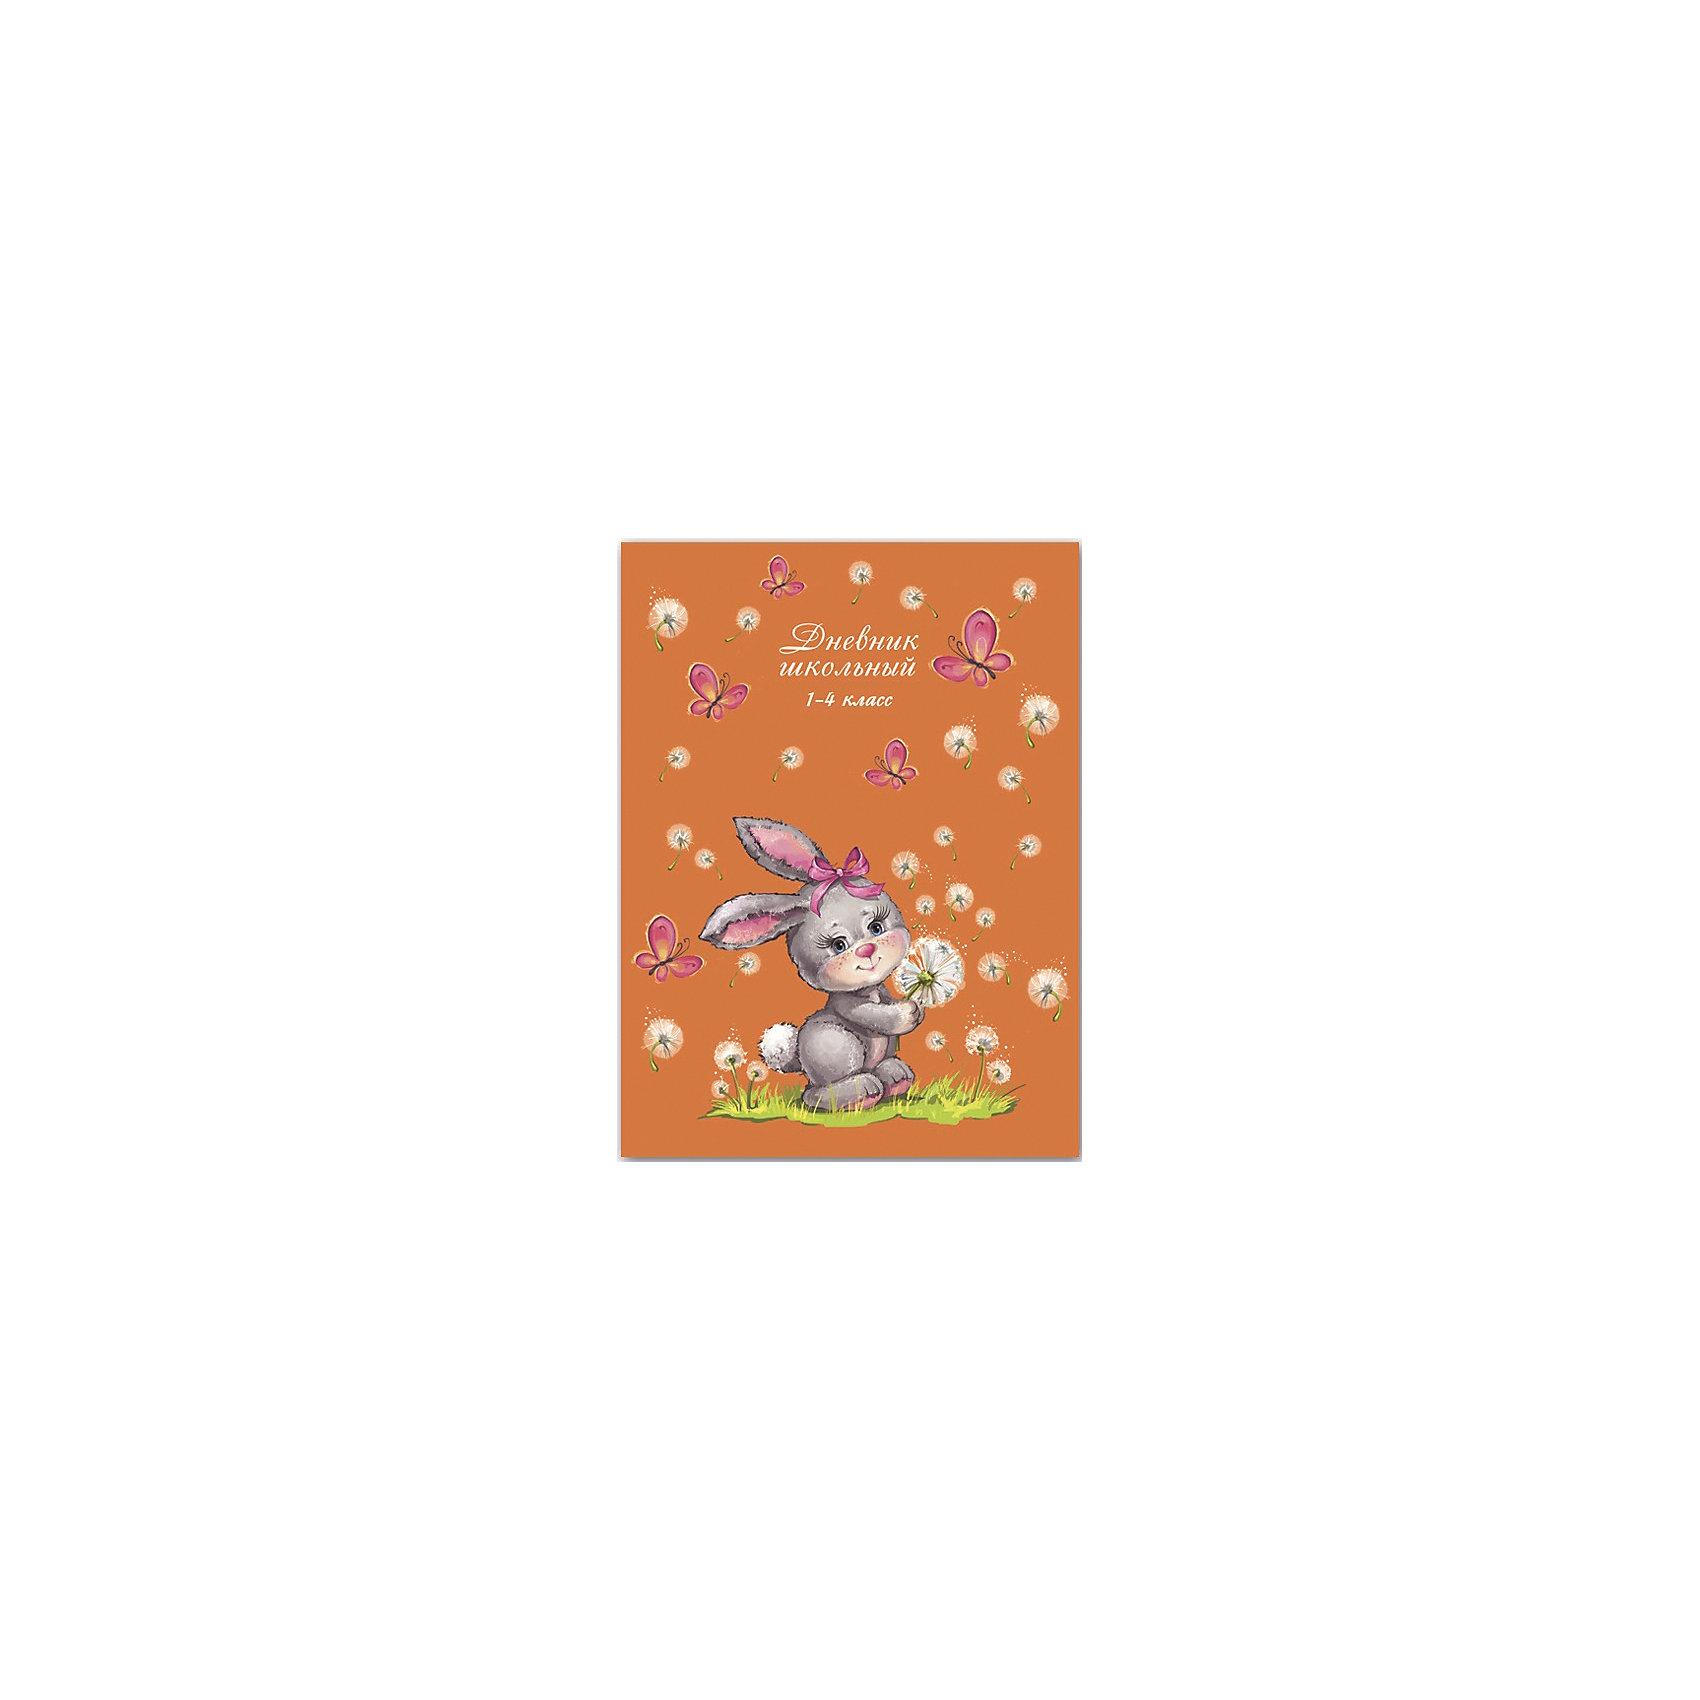 Дневник Зайка с одуванчиками, 1-4 классОдна из важнейших школьных принадлежностей - дневник. Он нужен каждому школьнику. Занятия ребенка в школе всегда требуют приобретения атрибутов для учебы. Так пусть они будут стильными и качественными! Ведь учиться с ними - намного приятней.<br>Школьный дневник Зайка с одуванчиками - стандартного формата А5. Обложка - из плотной бумаги с изображением симпатичного зайца. Листы надежно скреплены. Этот дневник предназначен для учеников начальной школы. Изделие произведено из качественных и безопасных для ребенка материалов.<br><br>Дополнительная информация:<br><br>цвет: разноцветный;<br>формат: А5;<br>материал: бумага.<br><br>Дневник Зайка с одуванчиками, 1-4 класс можно купить в нашем магазине.<br><br>Ширина мм: 220<br>Глубина мм: 170<br>Высота мм: 10<br>Вес г: 225<br>Возраст от месяцев: 72<br>Возраст до месяцев: 120<br>Пол: Женский<br>Возраст: Детский<br>SKU: 4746191